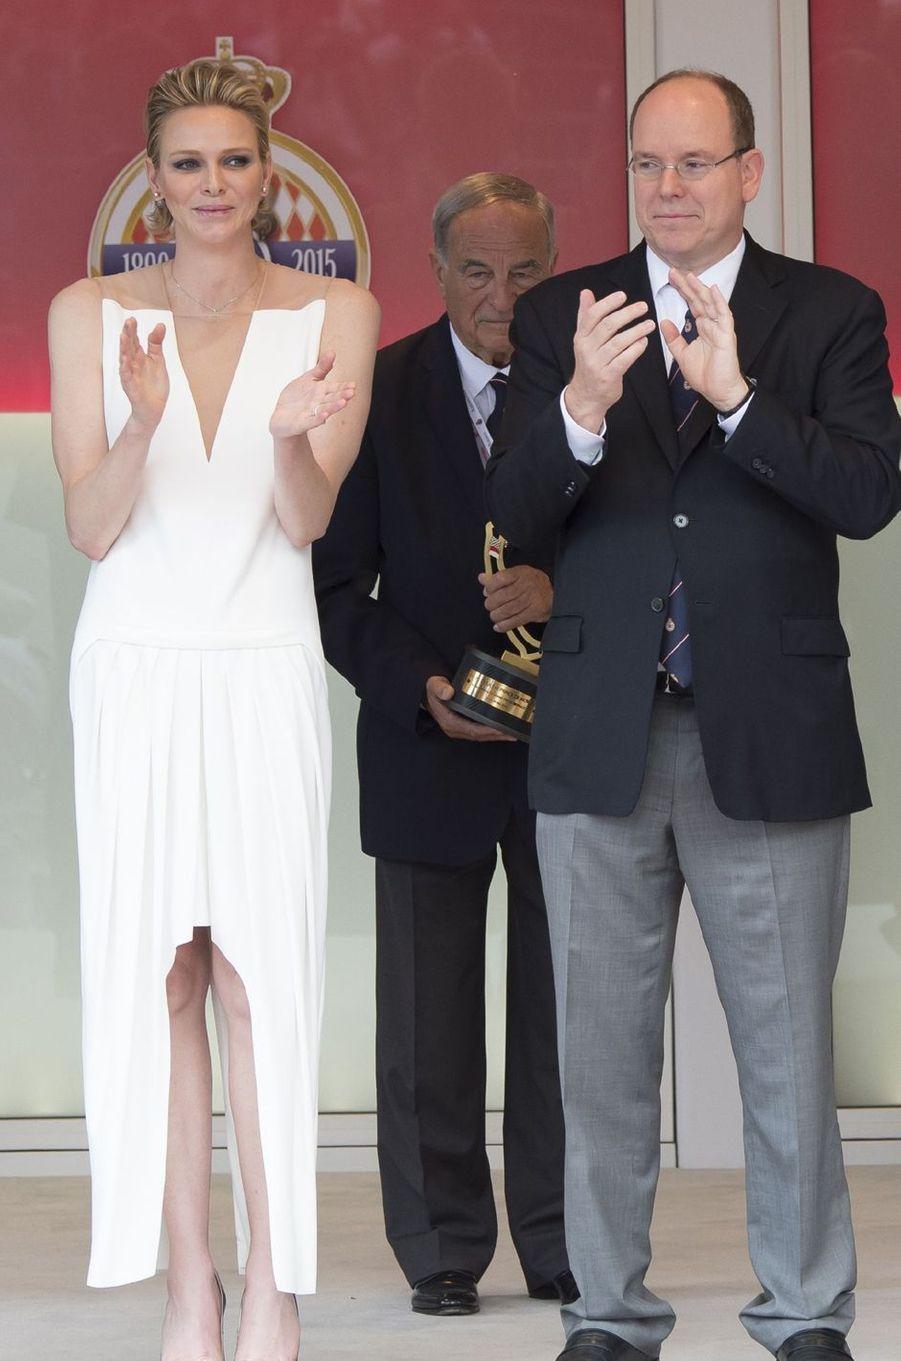 La princesse Charlène de Monaco en Akris au Grand Prix de Monaco, le 24 mai 2015